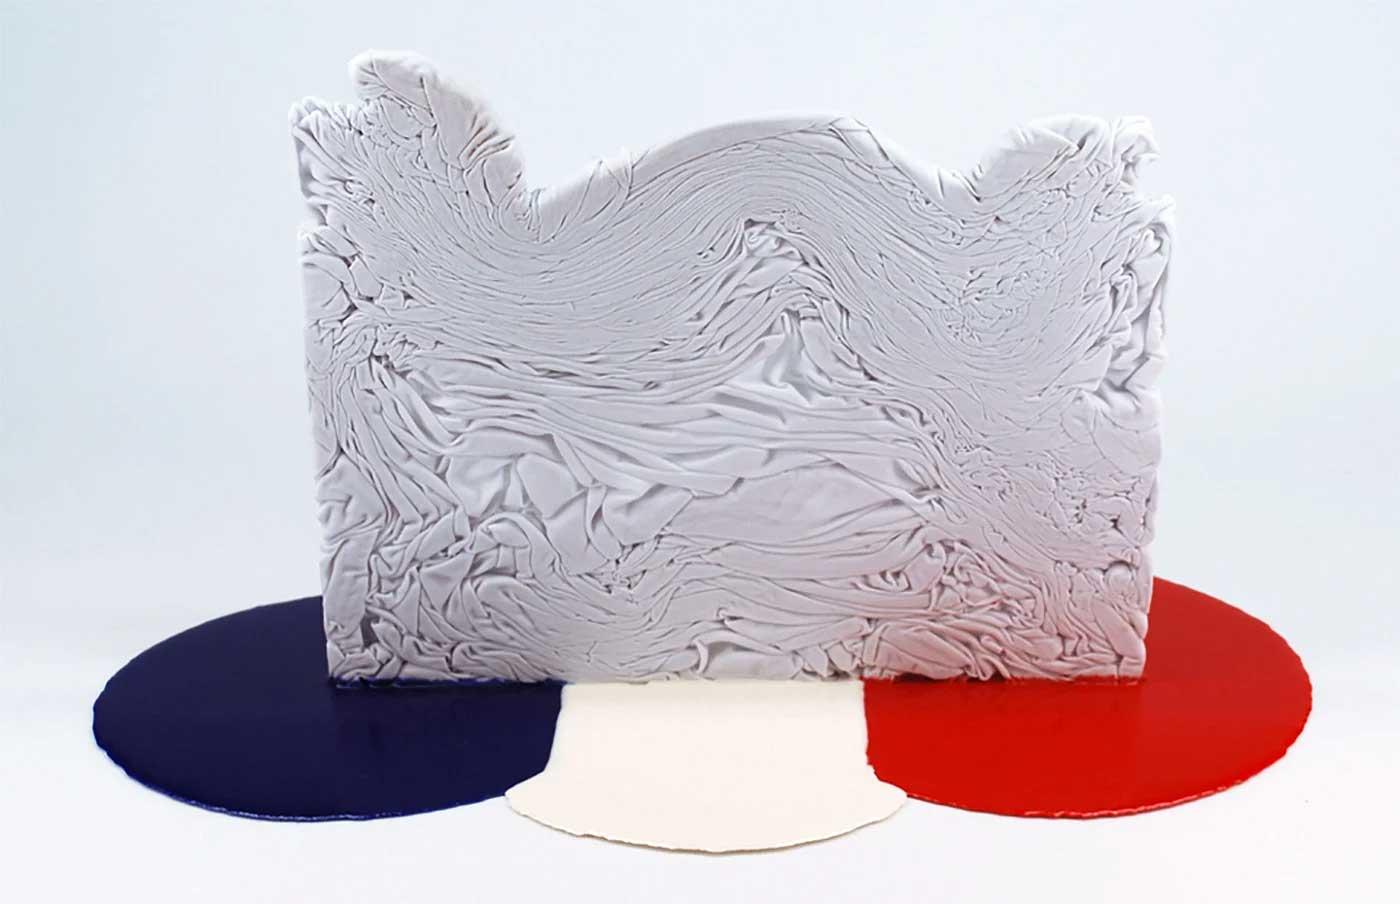 Surreale Skulpturen von Philippe Bruneteau Philippe-Bruneteau-skulpturen_03